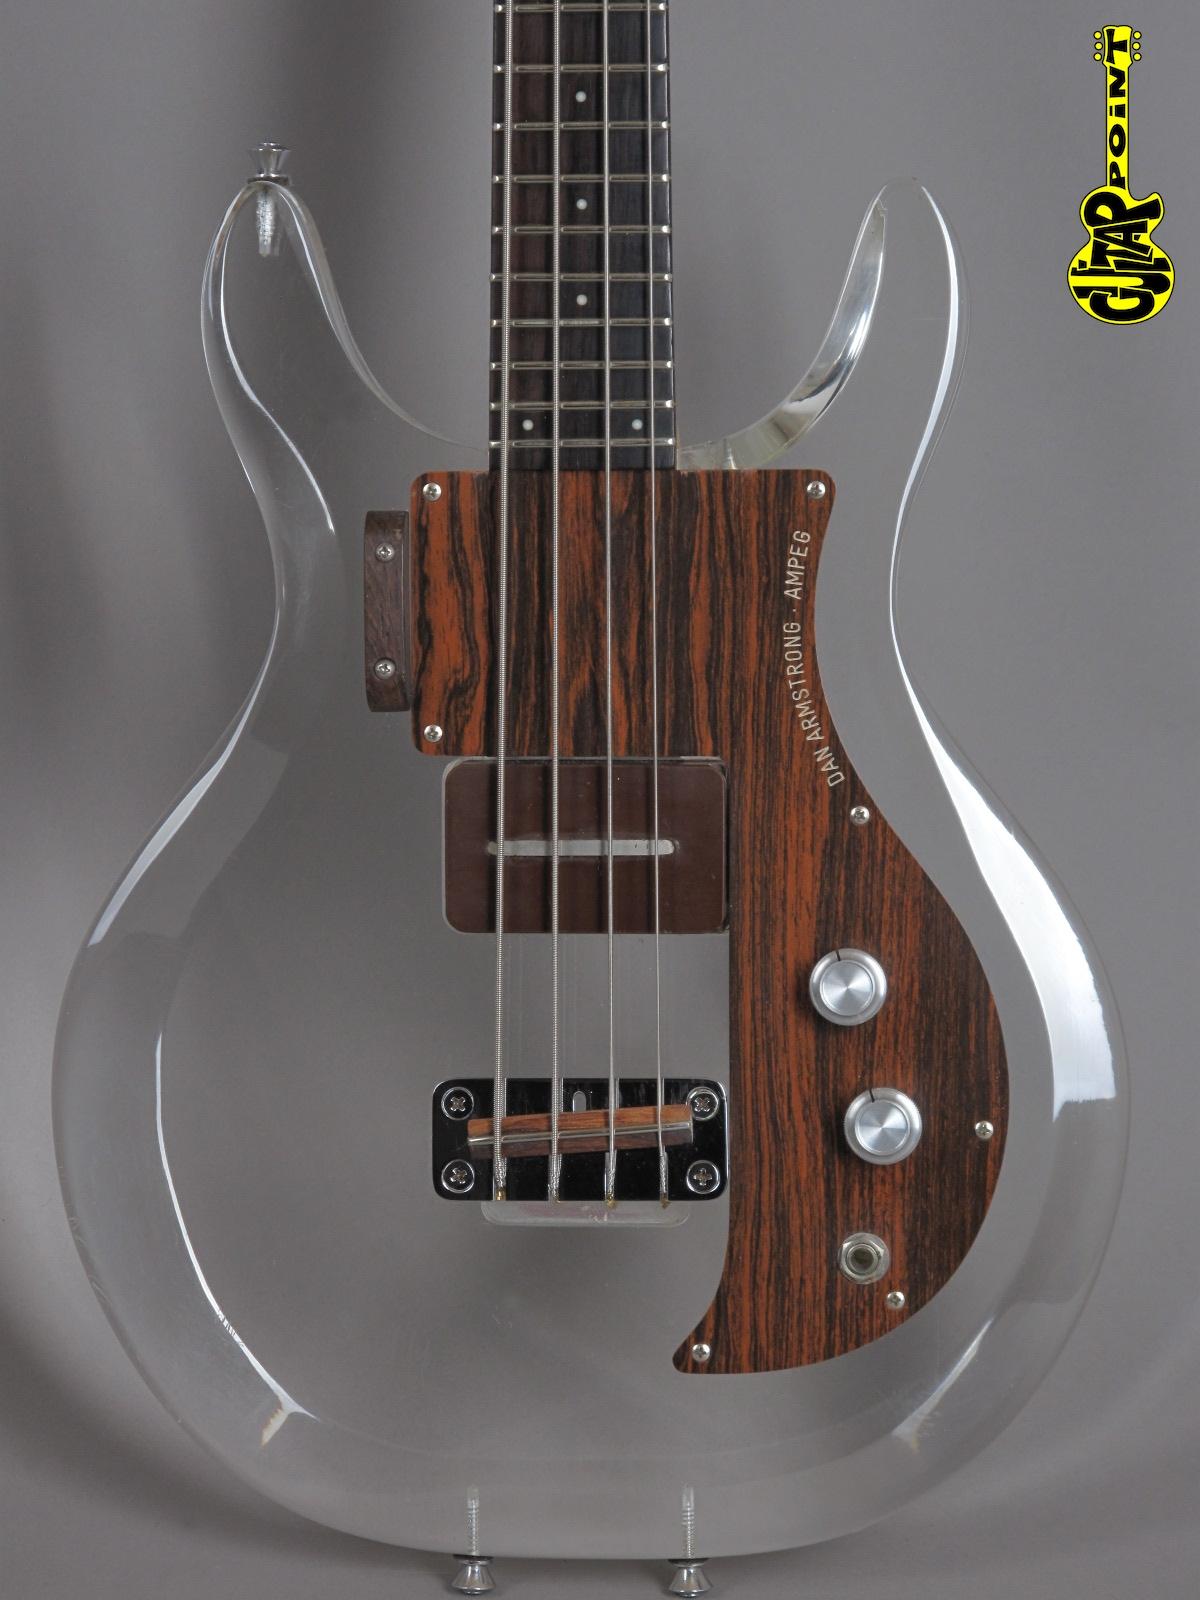 1970 Dan Armstrong (Ampeg) Lucite - Plexiglass Bass